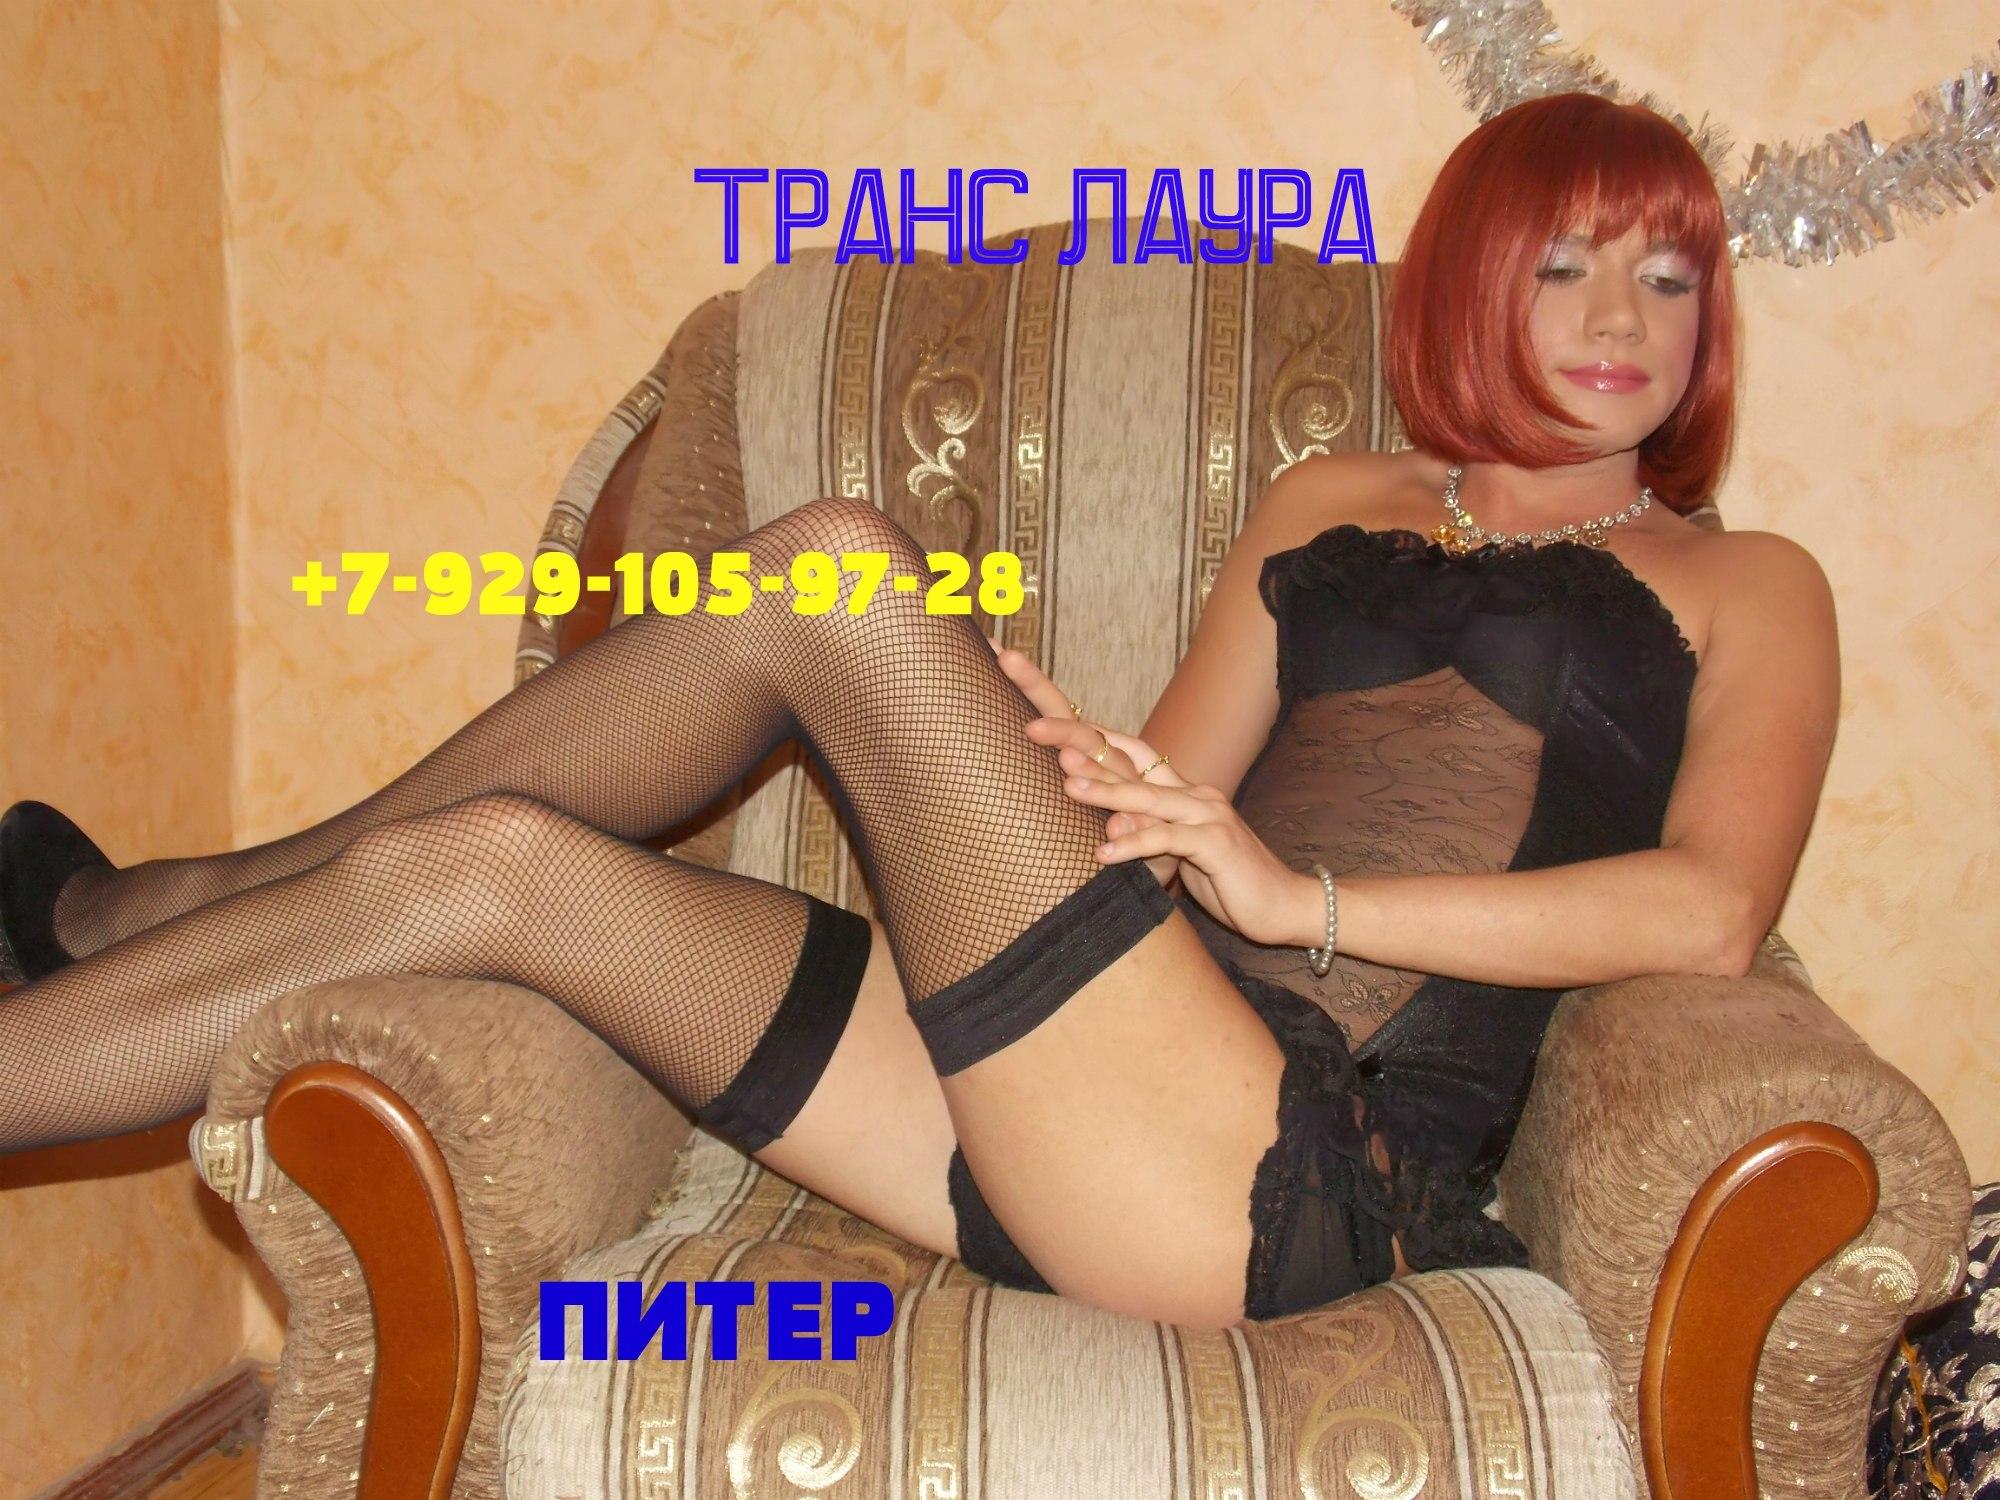 Проститутки в питере индивидуалки 6 фотография